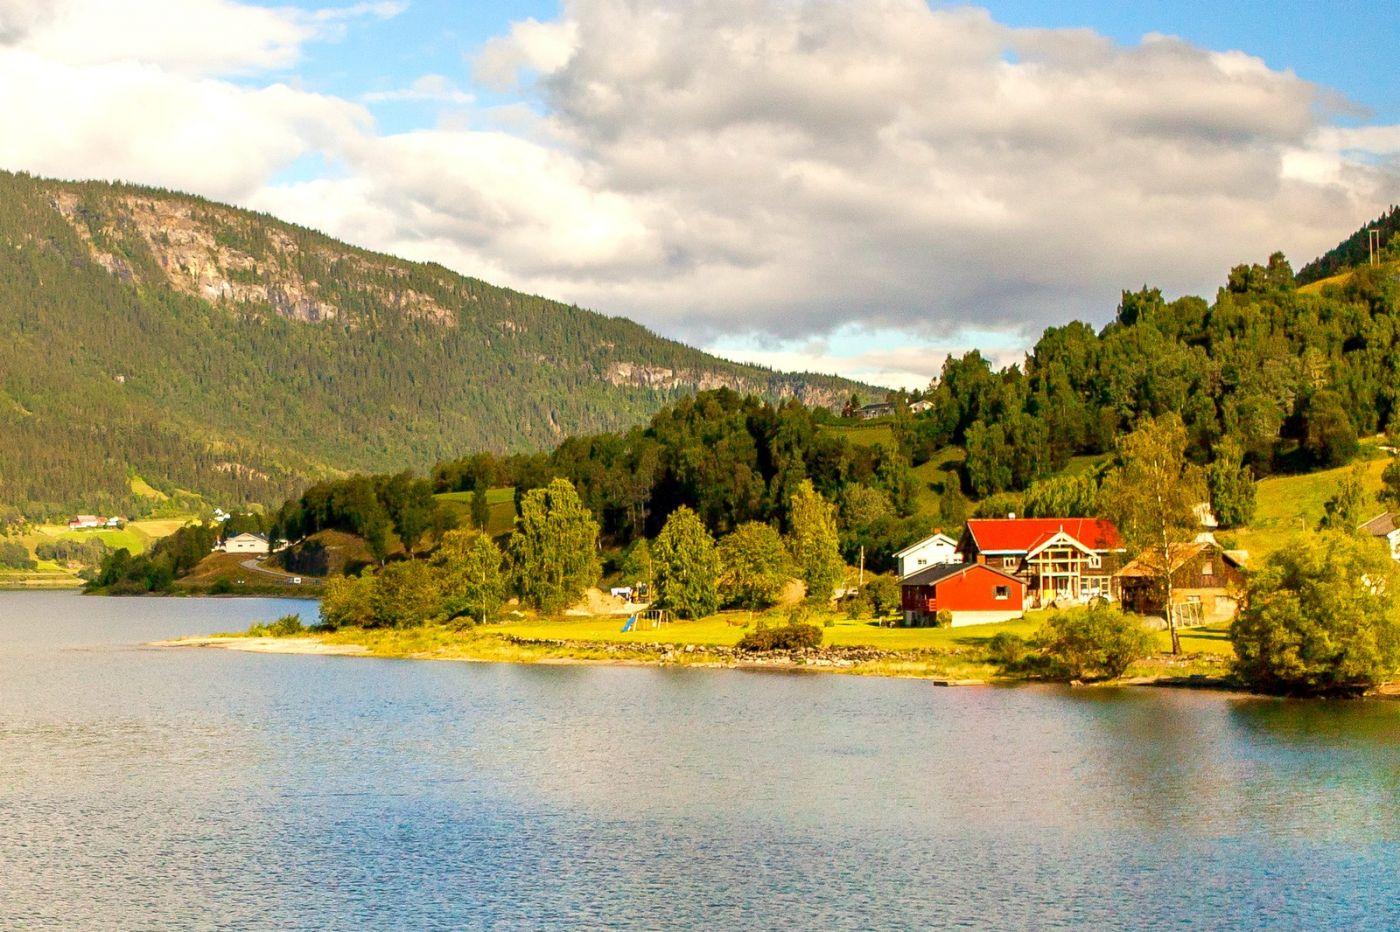 北欧风光,风景美如画_图1-9